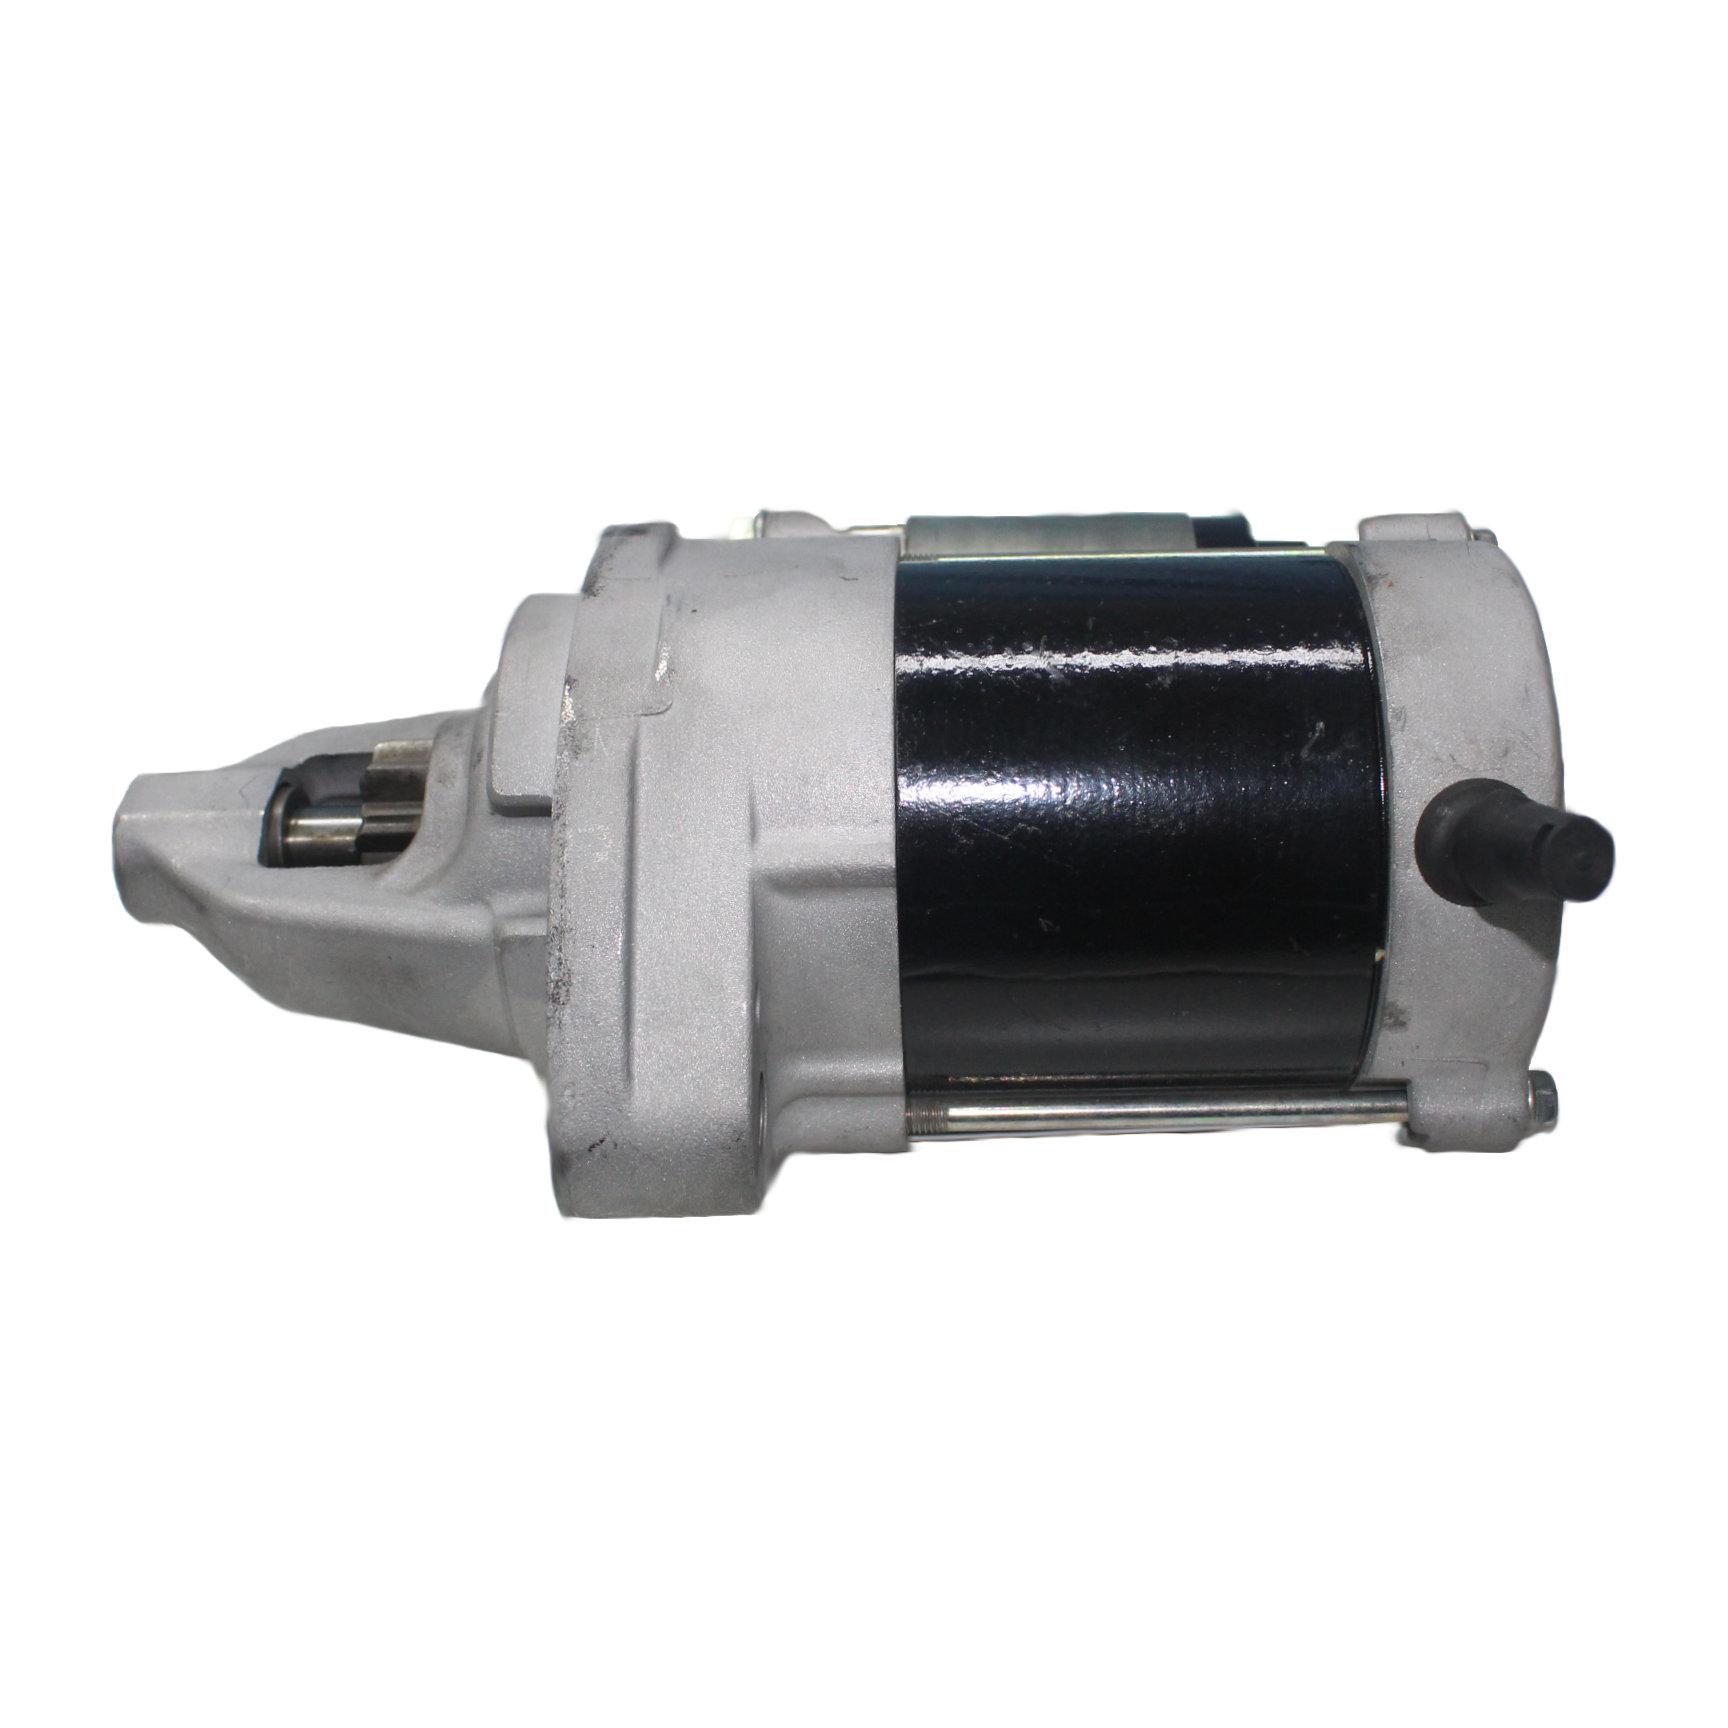 Motor de Arranque Partida Honda Fit 1.4  09...14 c/ Plug Quadrado 4280005800